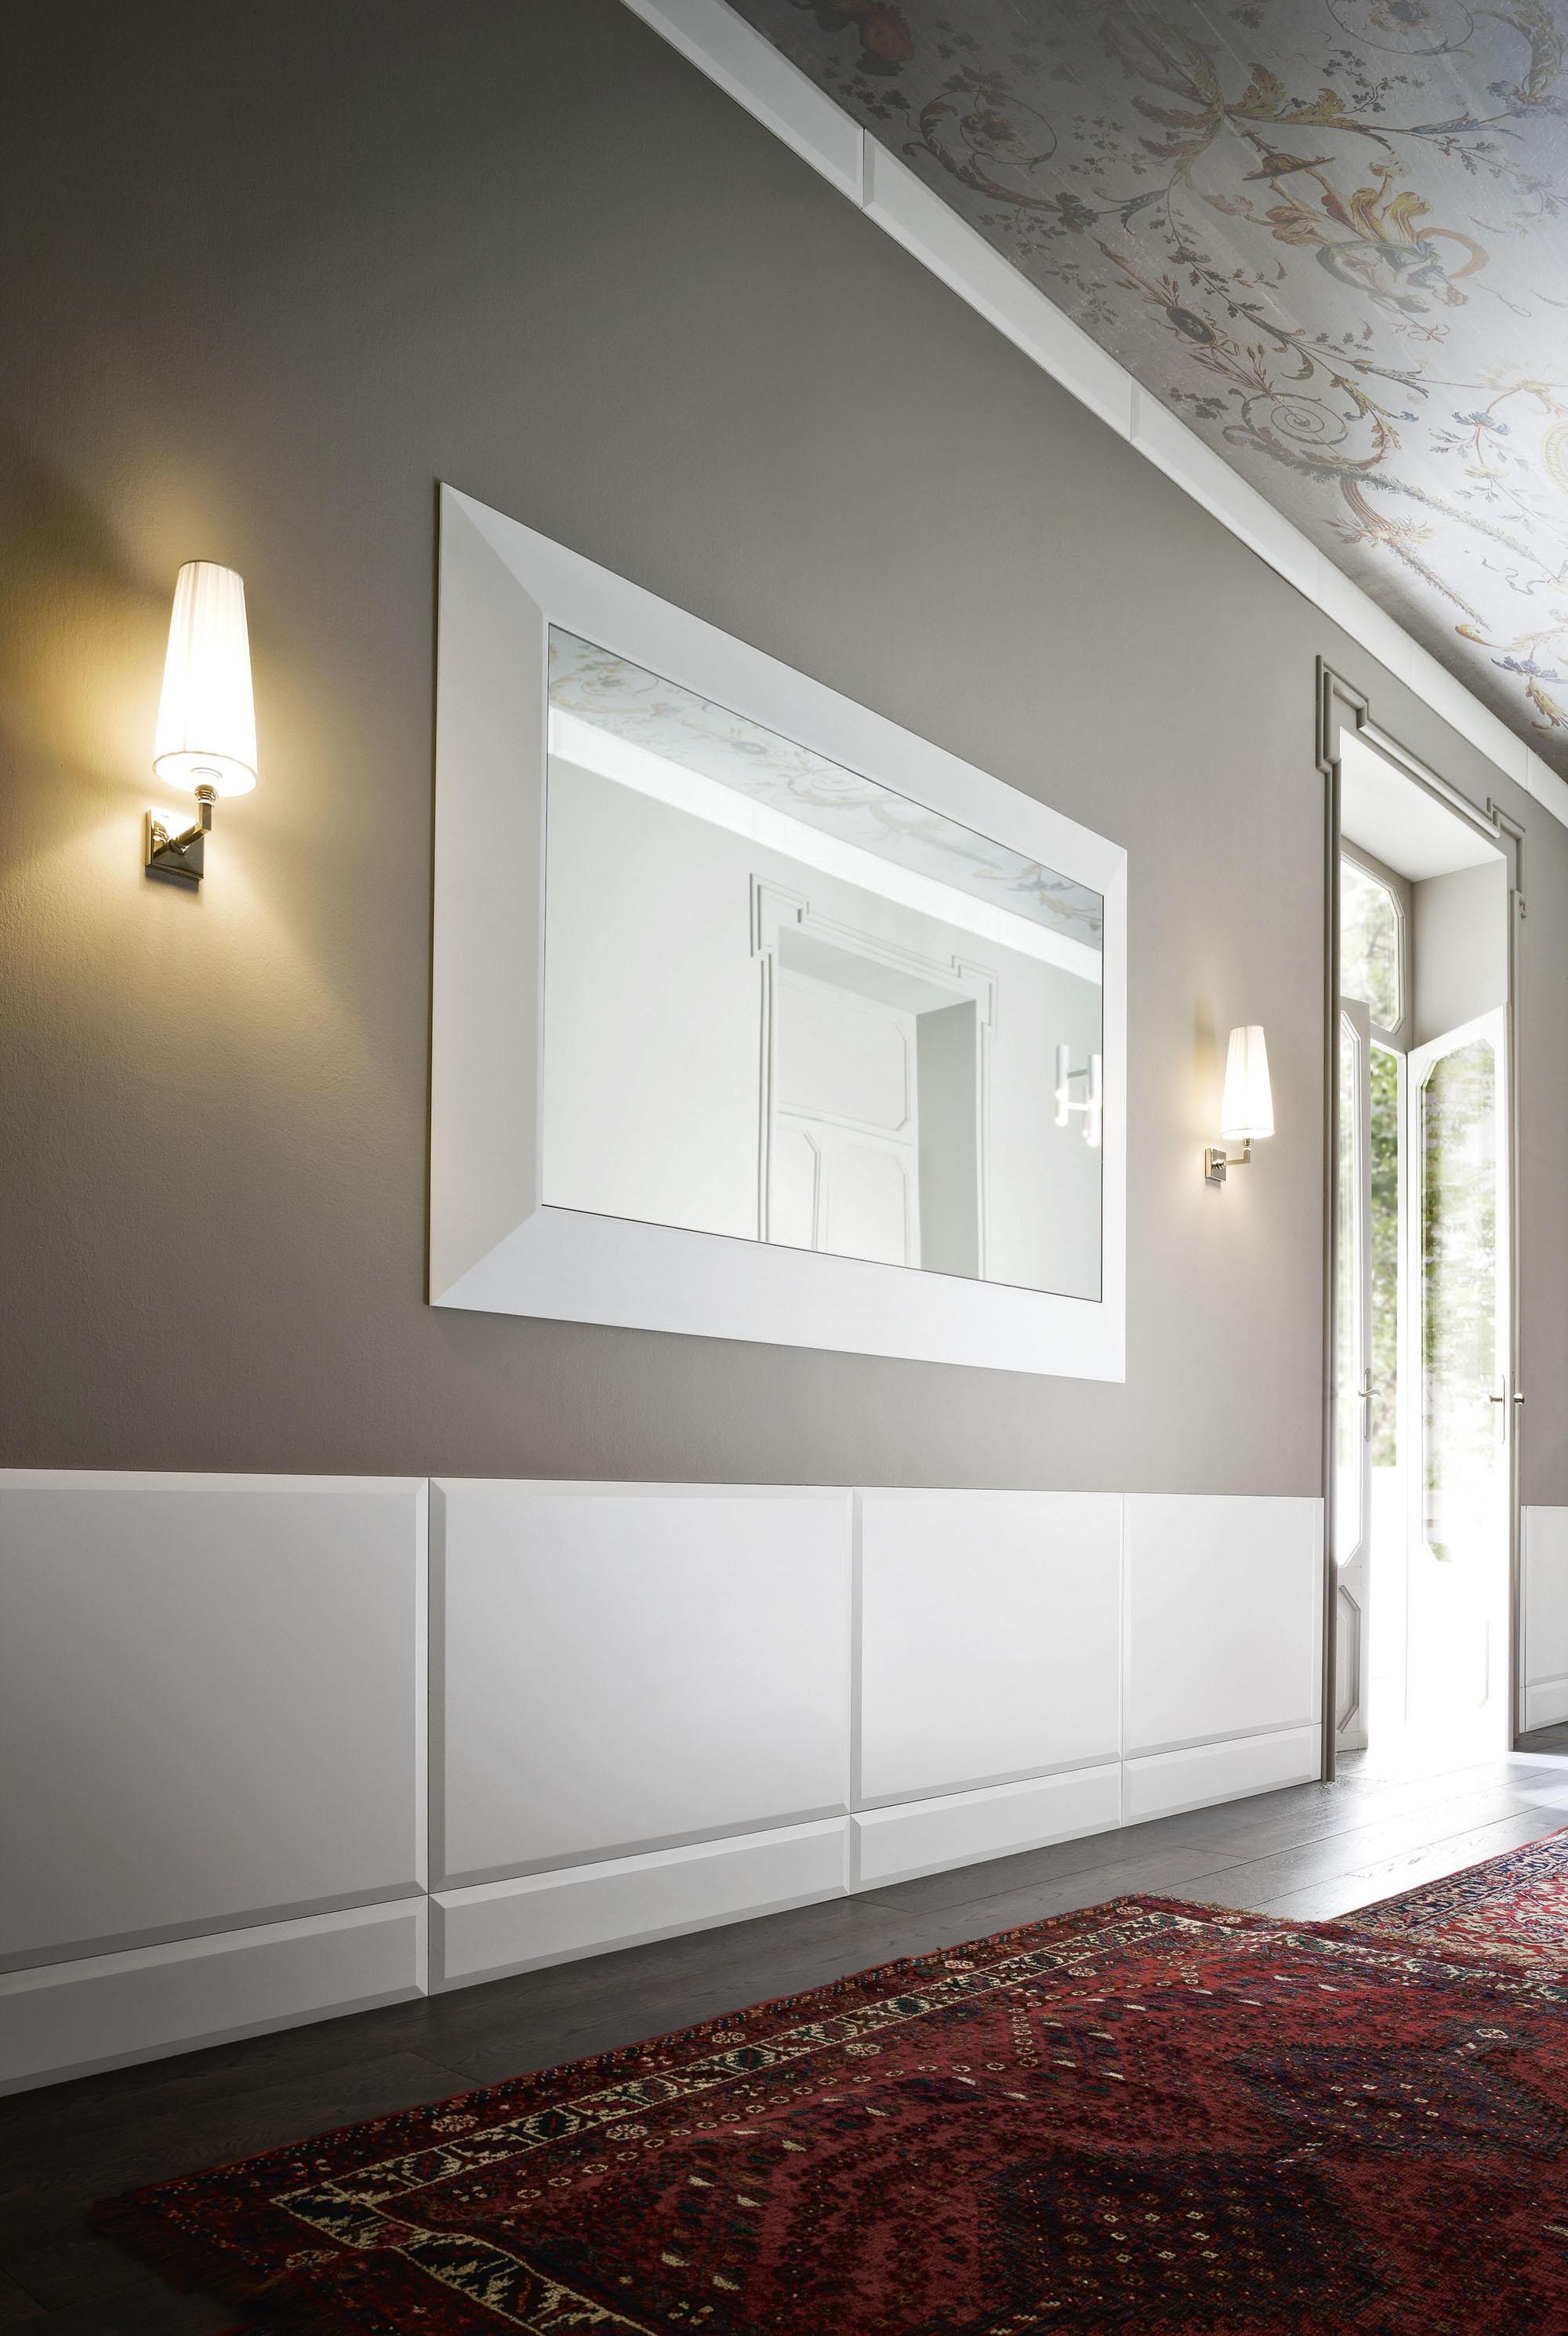 Warp spiegel wandspiegel von rexa design architonic for Wandspiegel design